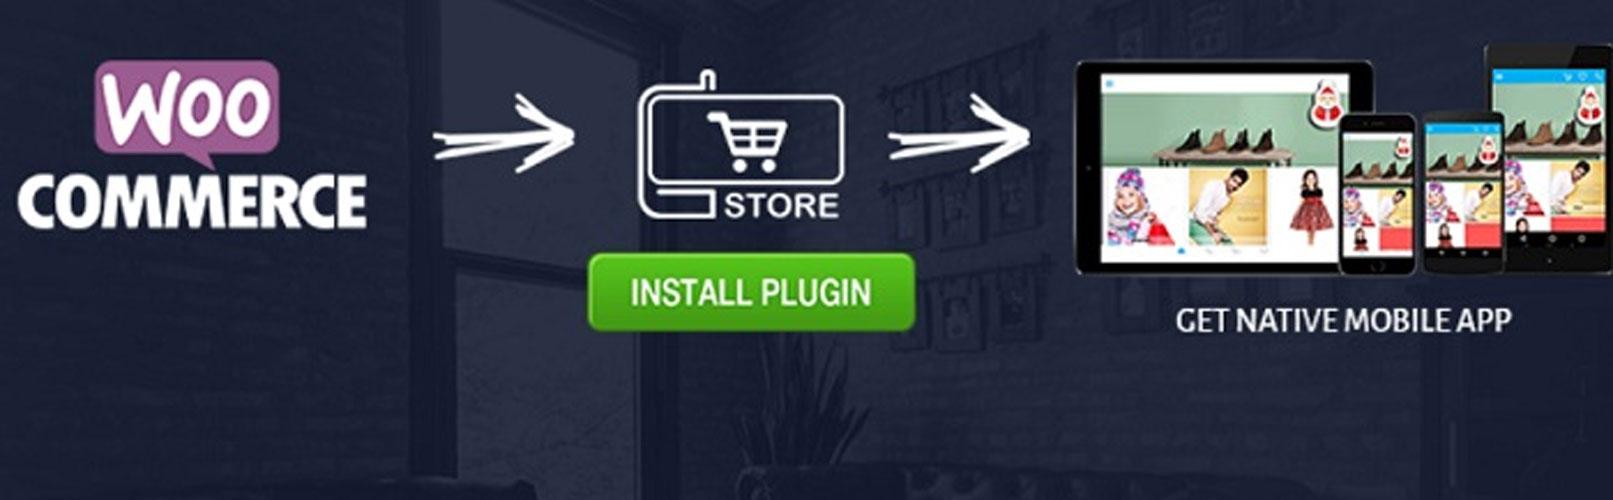 ساخت اپلیکشن برای فروشگاه ووکامرس